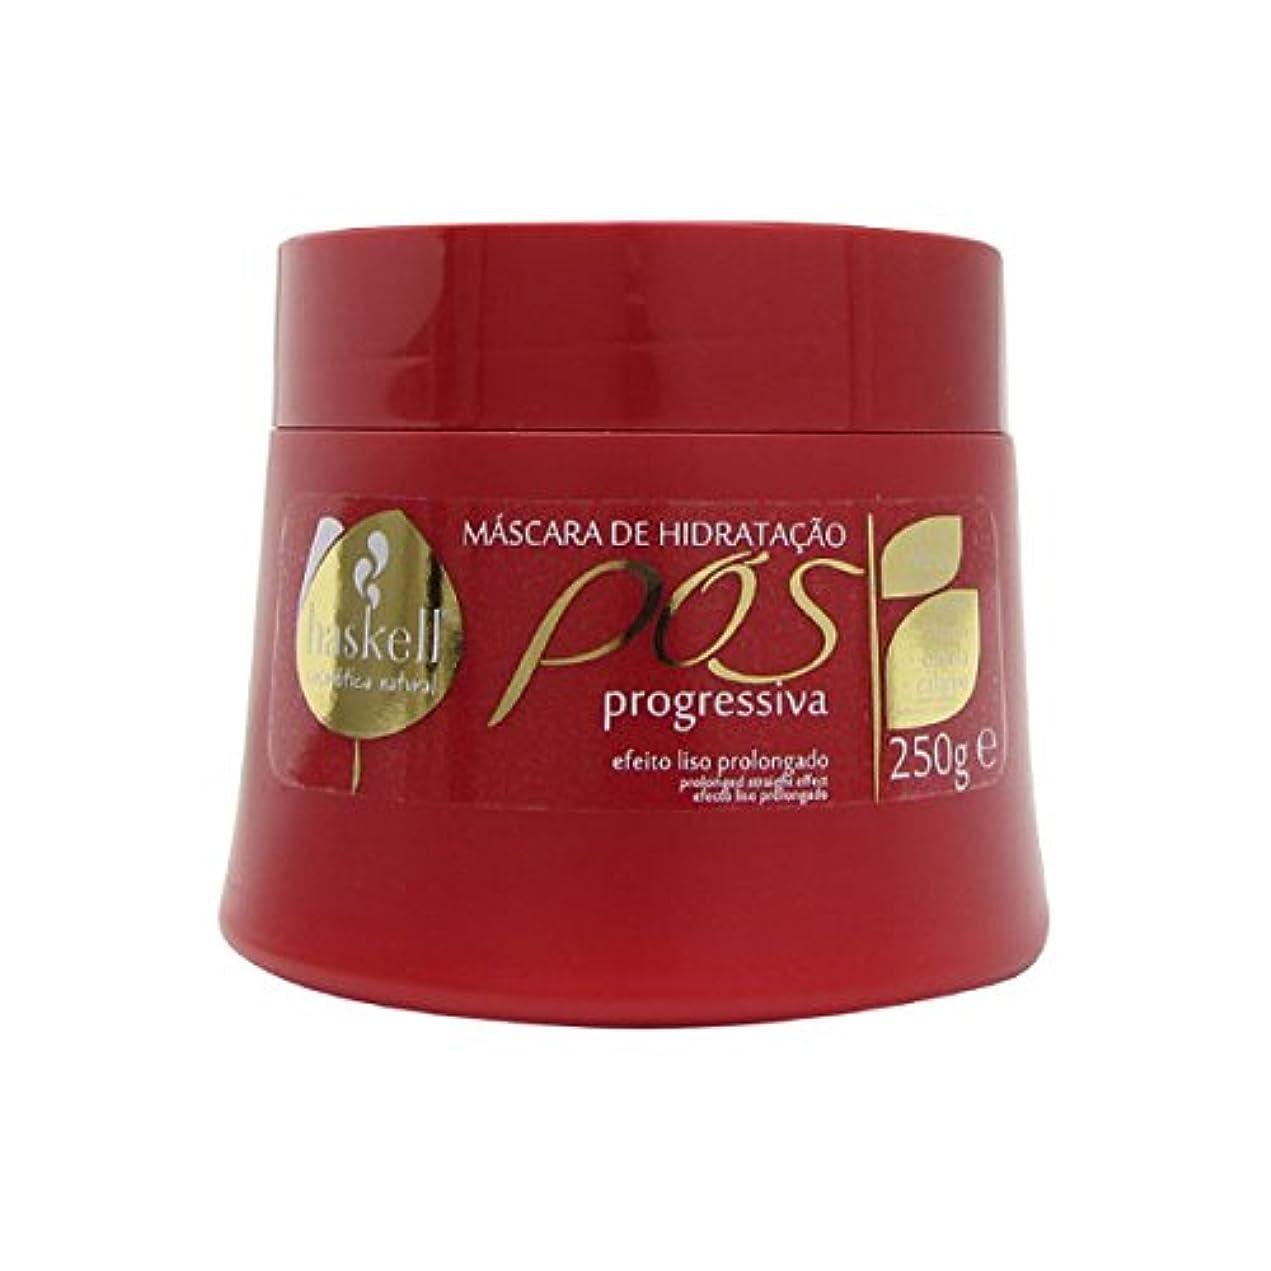 Haskell P Progressiva Hair Mask 250g [並行輸入品]